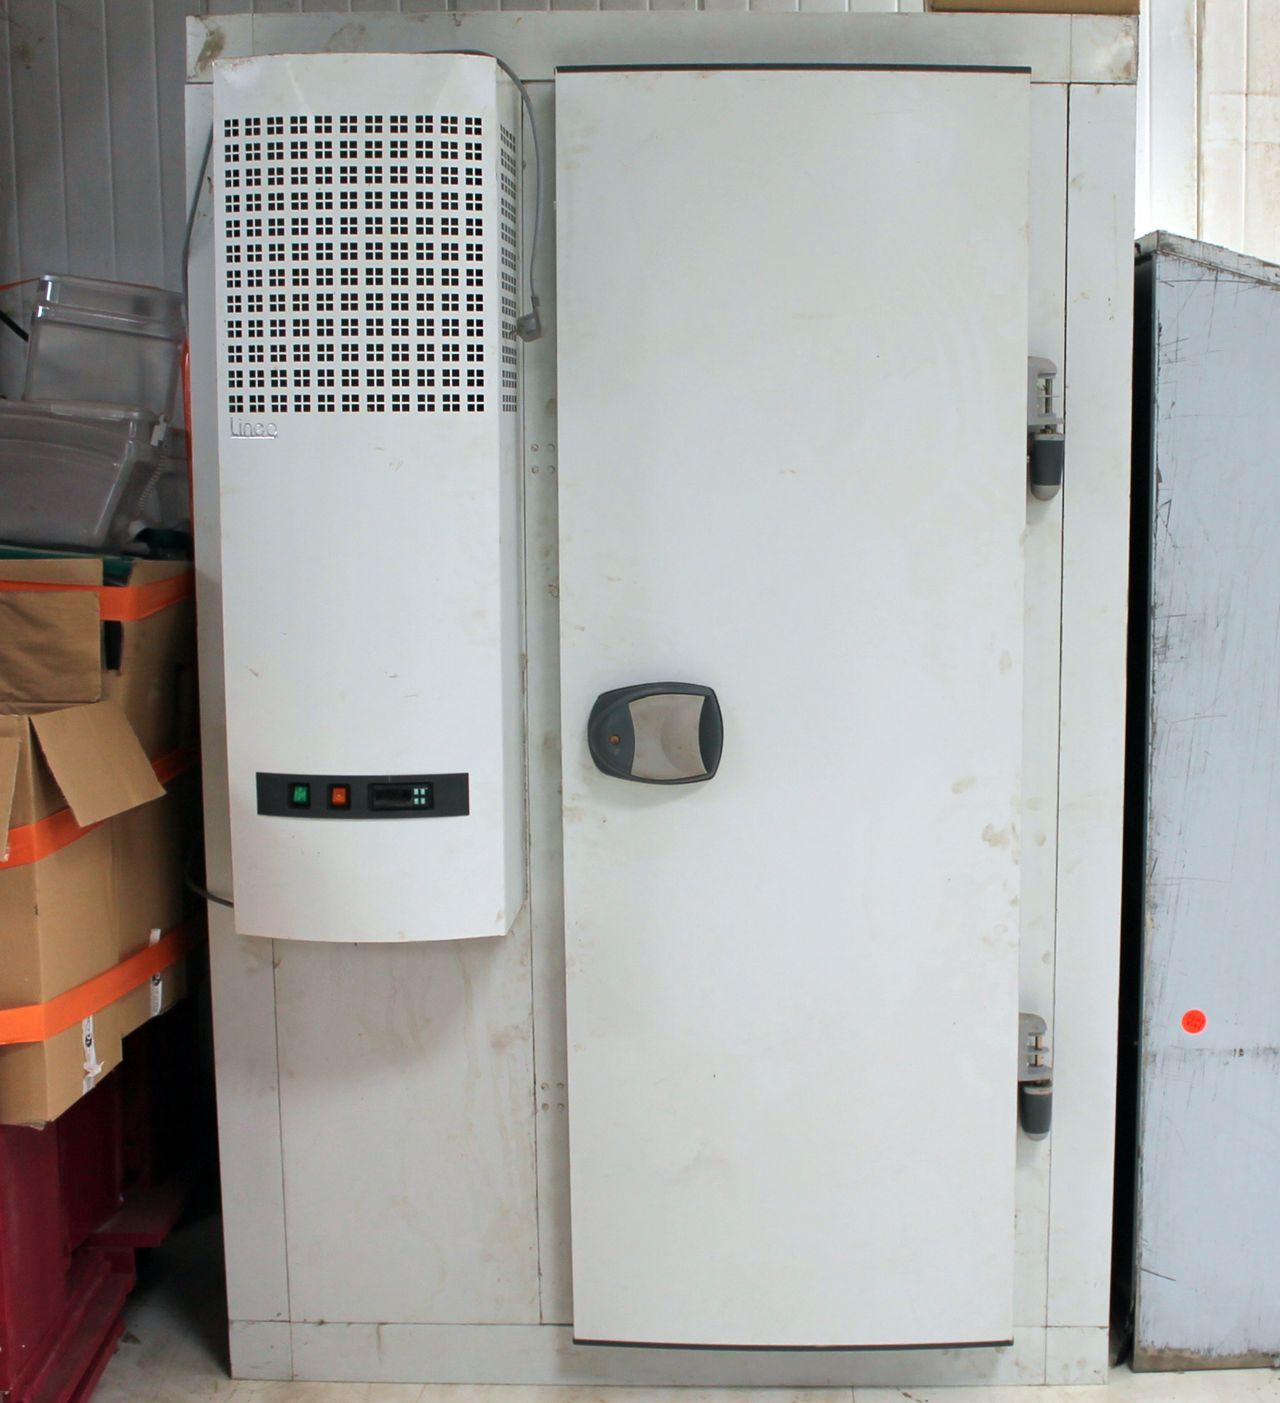 Chambre froide pour stocker les produits alimentaires - Peinture alimentaire pour chambre froide ...